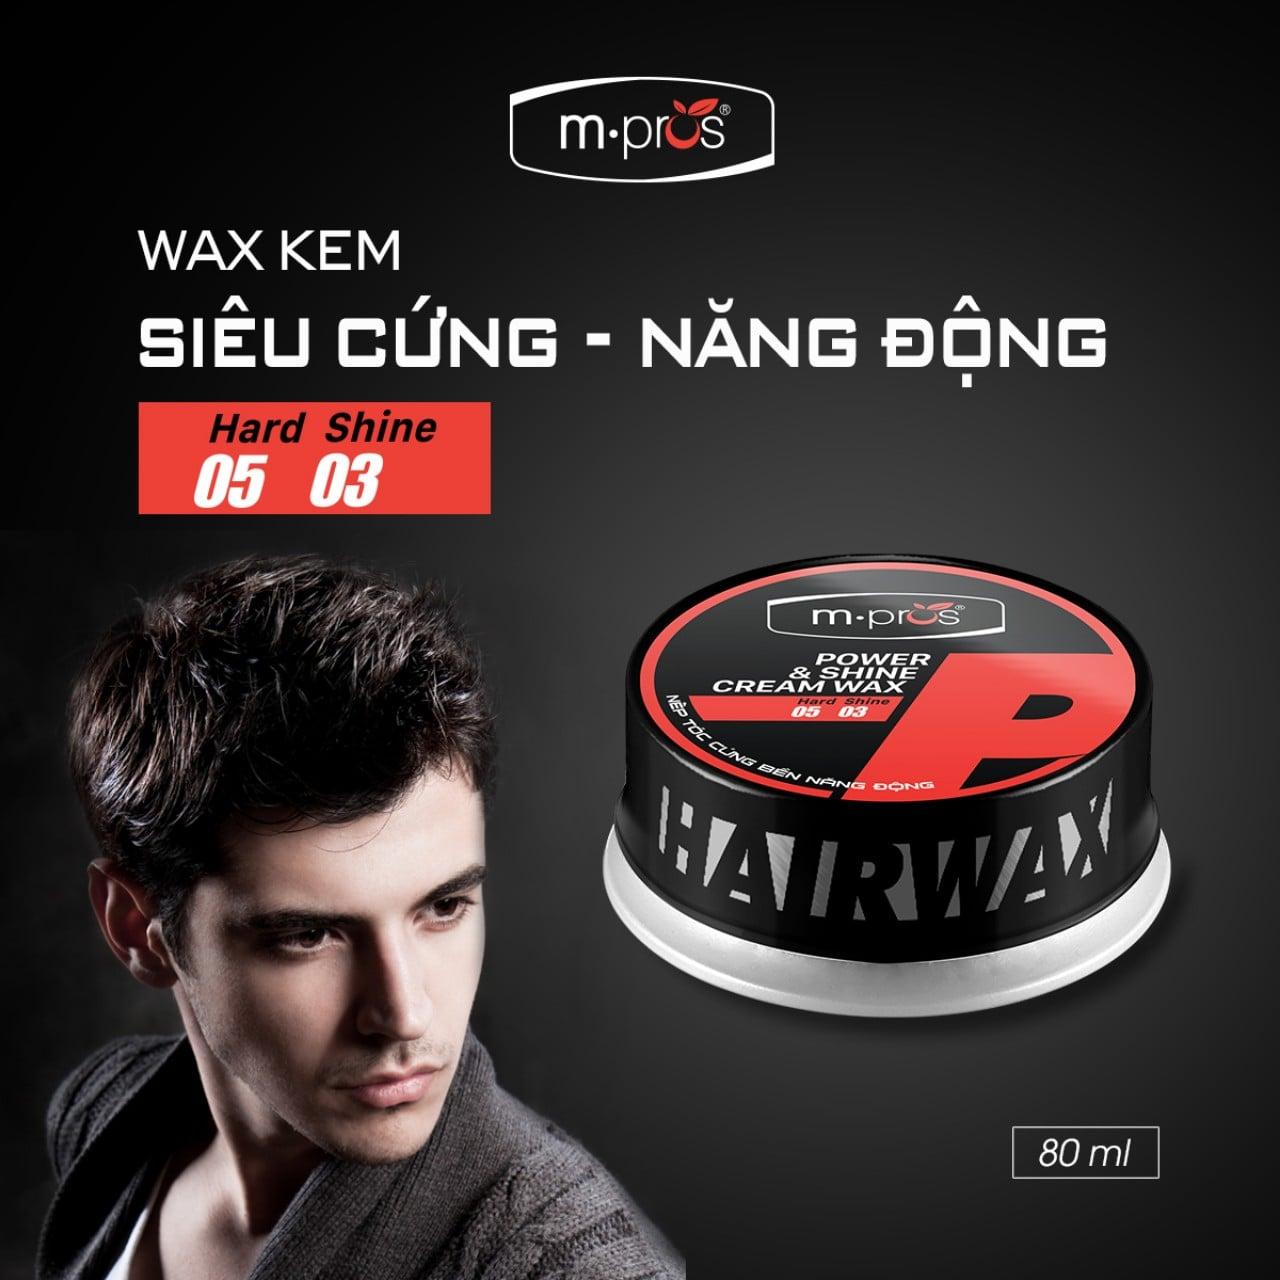 Wax kem M.Pros kết cấu dịu nhẹ phù hợp cho cả tóc ướt hay khô